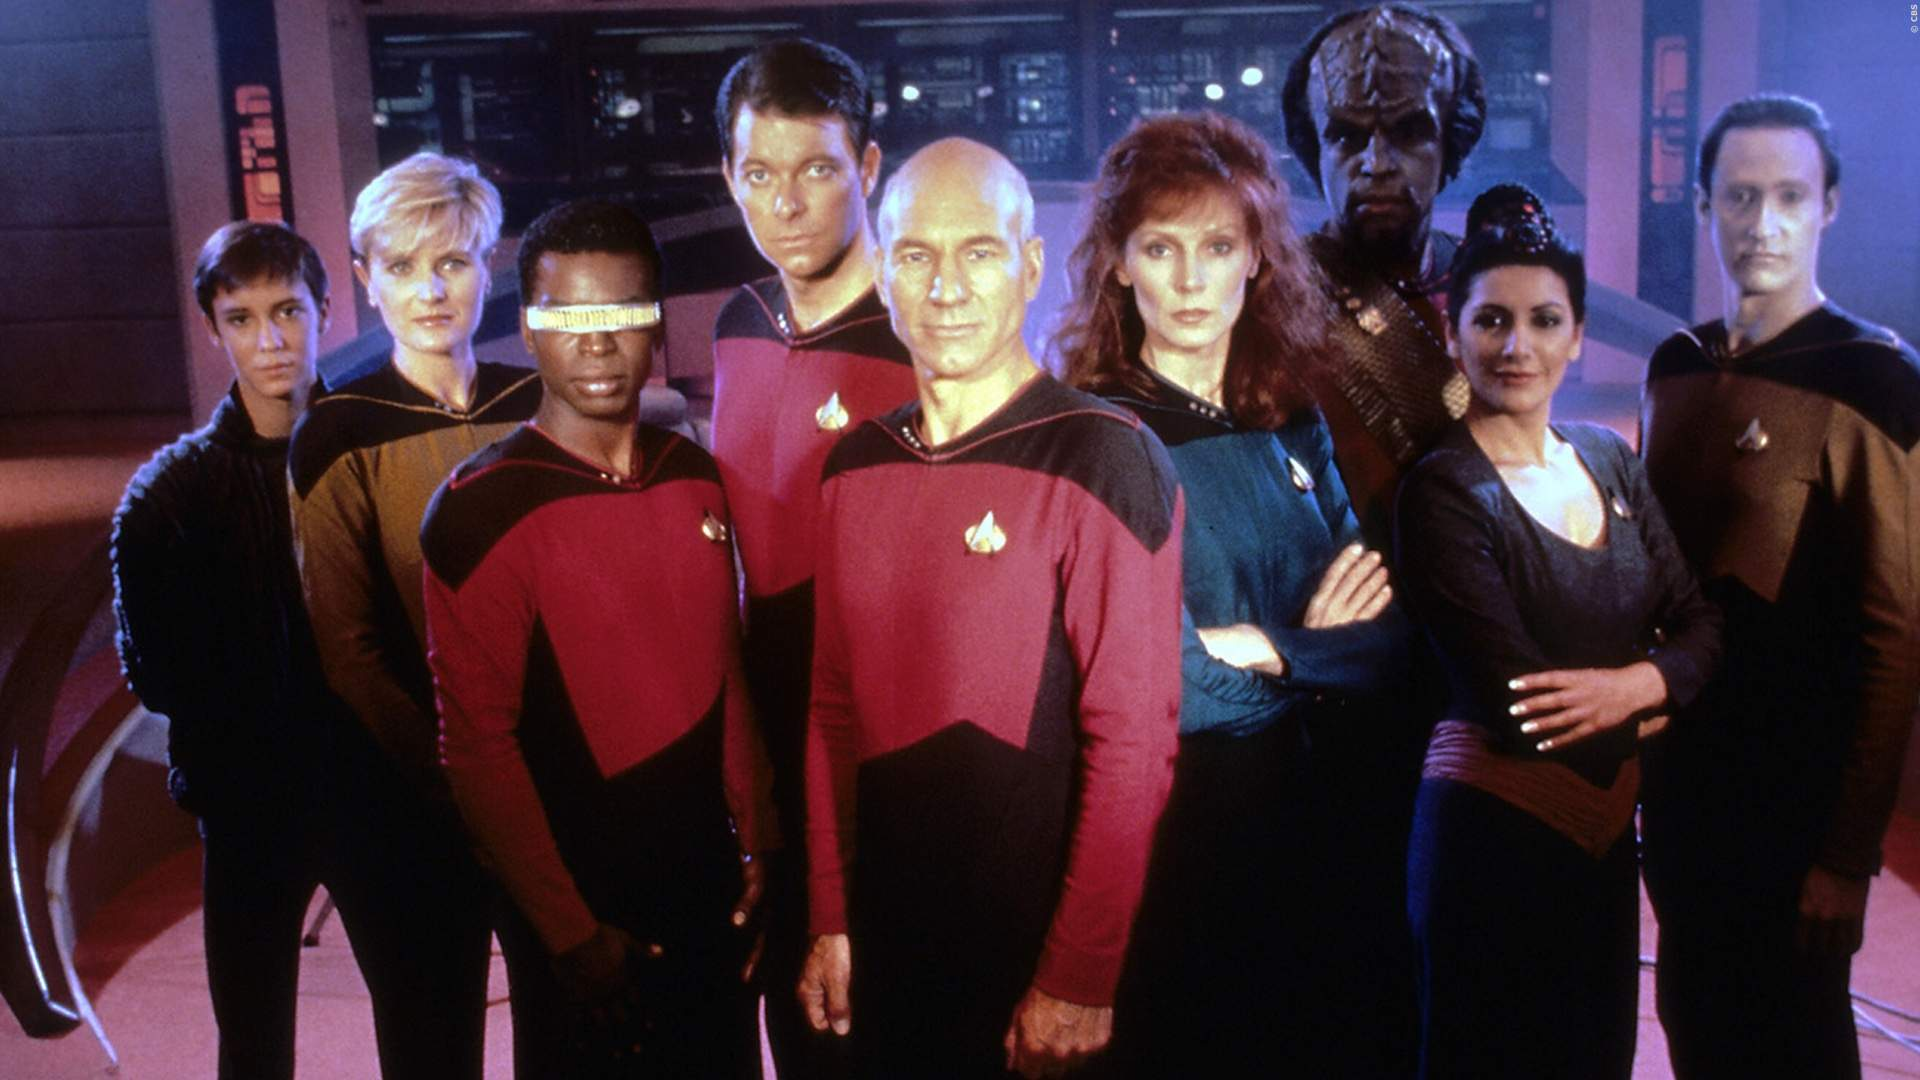 ÜBERRASCHUNG: Neue 'Star Trek'-Serie mit Captain Picard kommt noch 2019